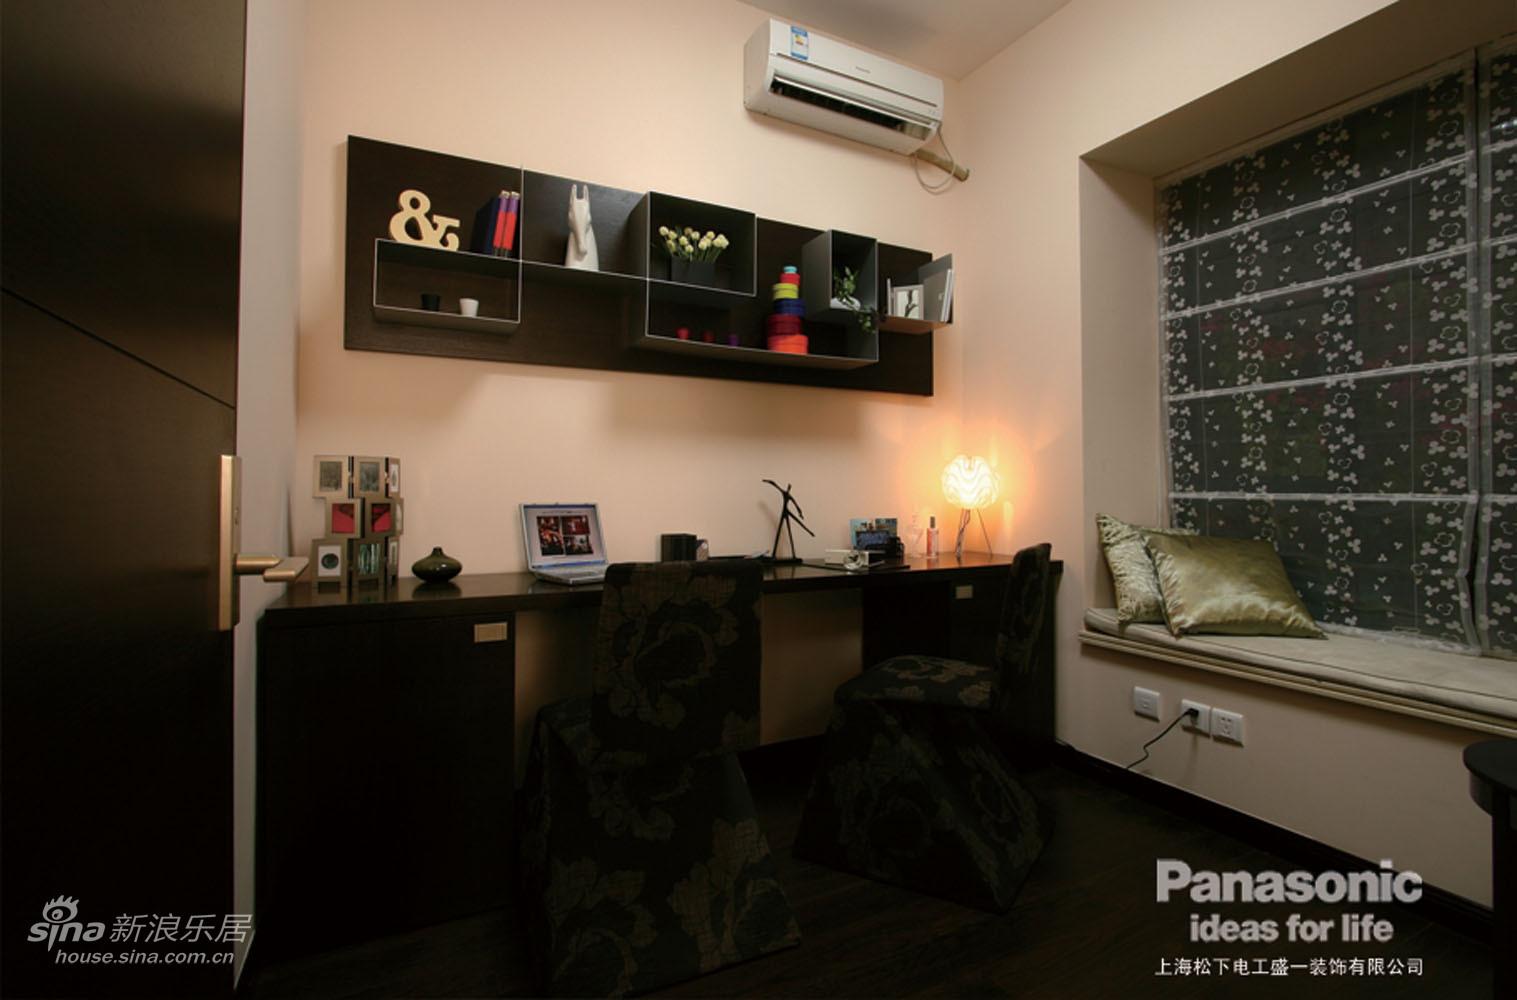 其他 三居 客厅图片来自用户2558757937在松下盛一:后现代的百合香调18的分享